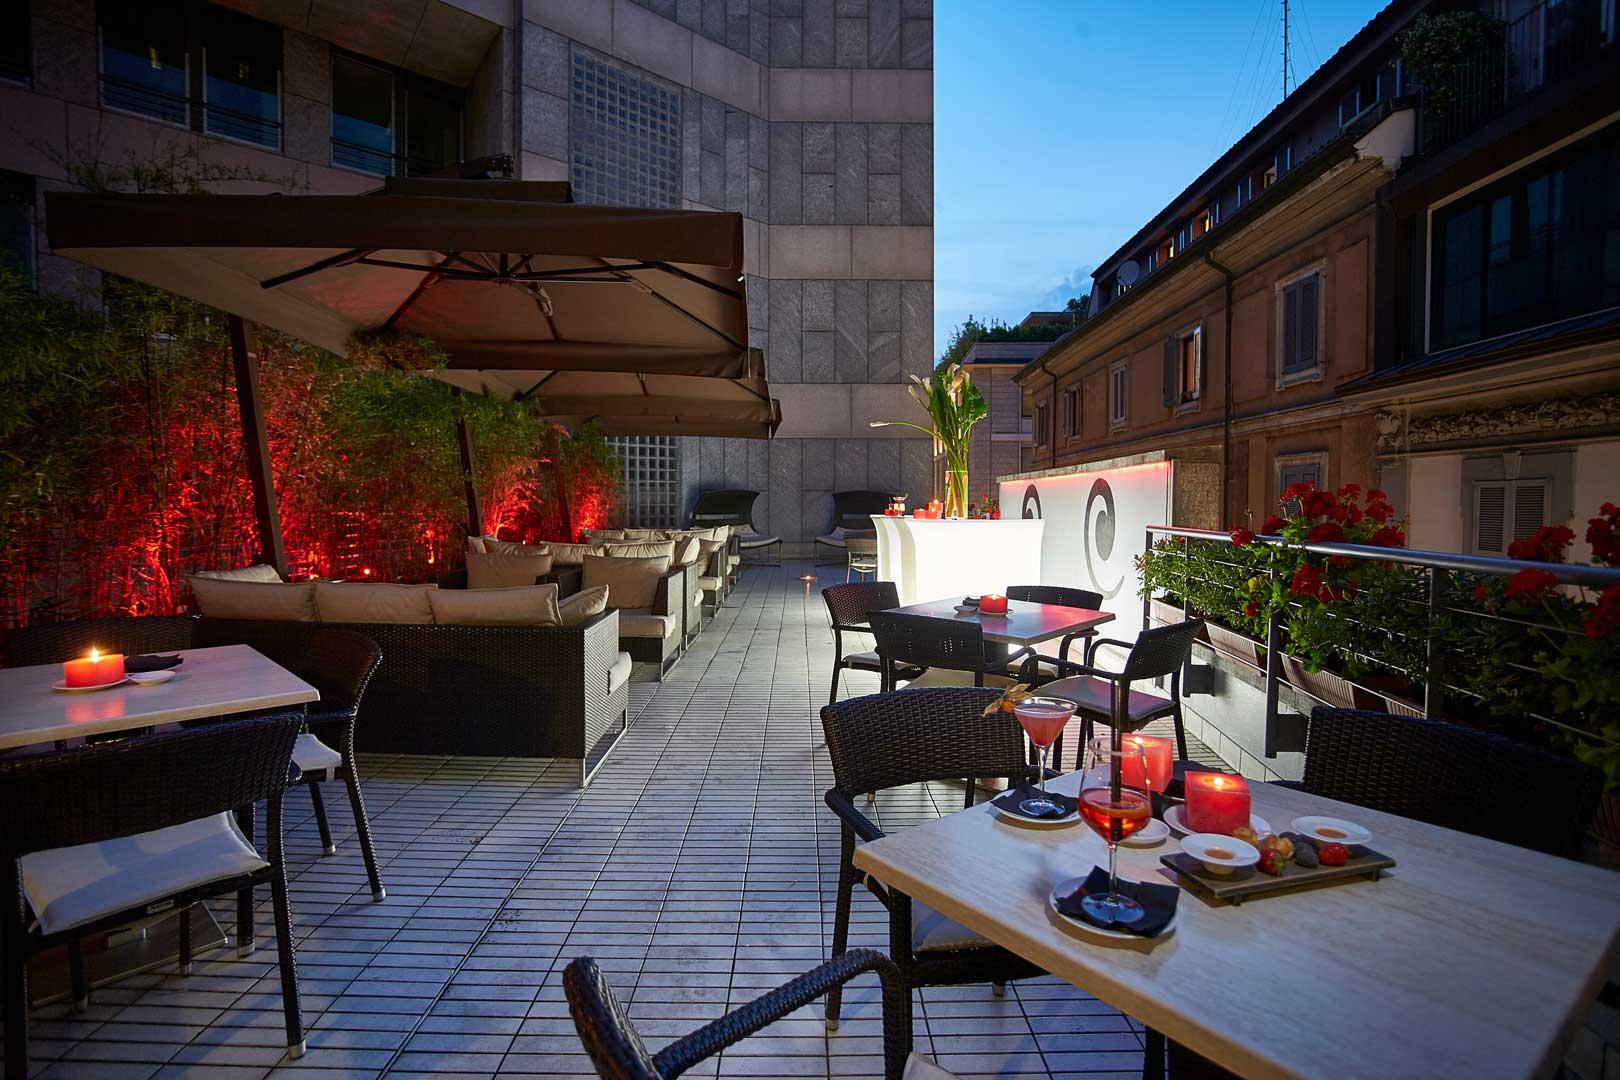 The Best Hotels Aperitifs In Milan Flawless Milano